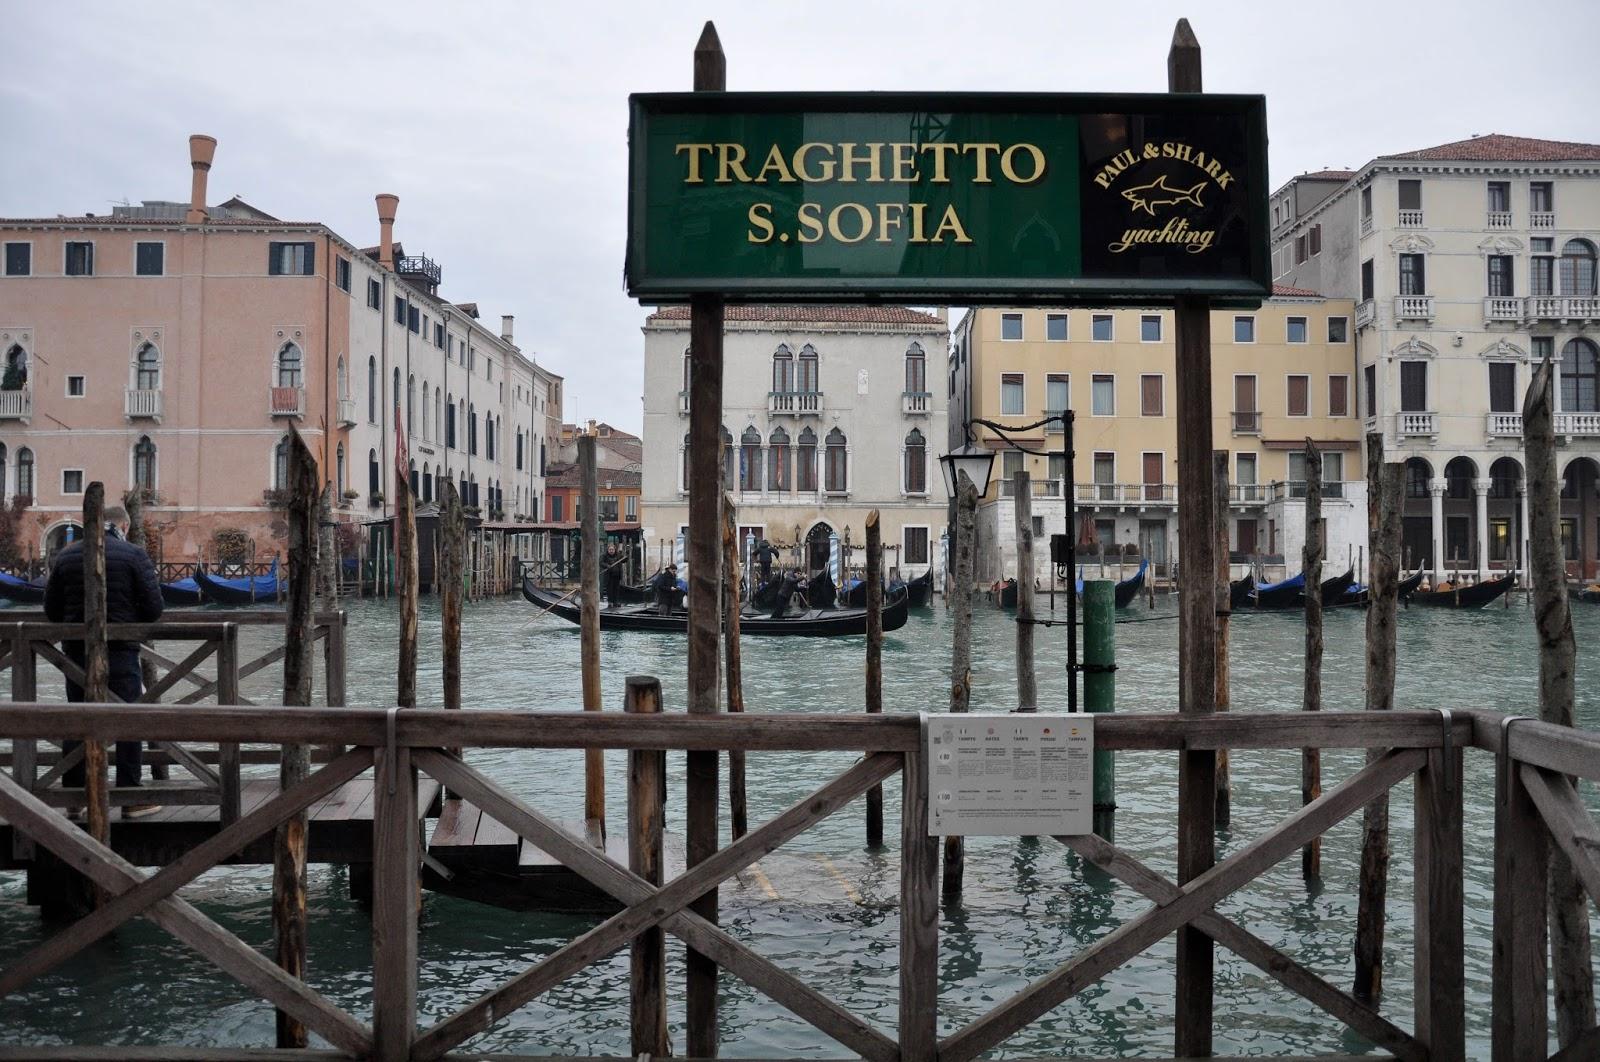 Traghetto S. Sofia stop, Venice, Italy